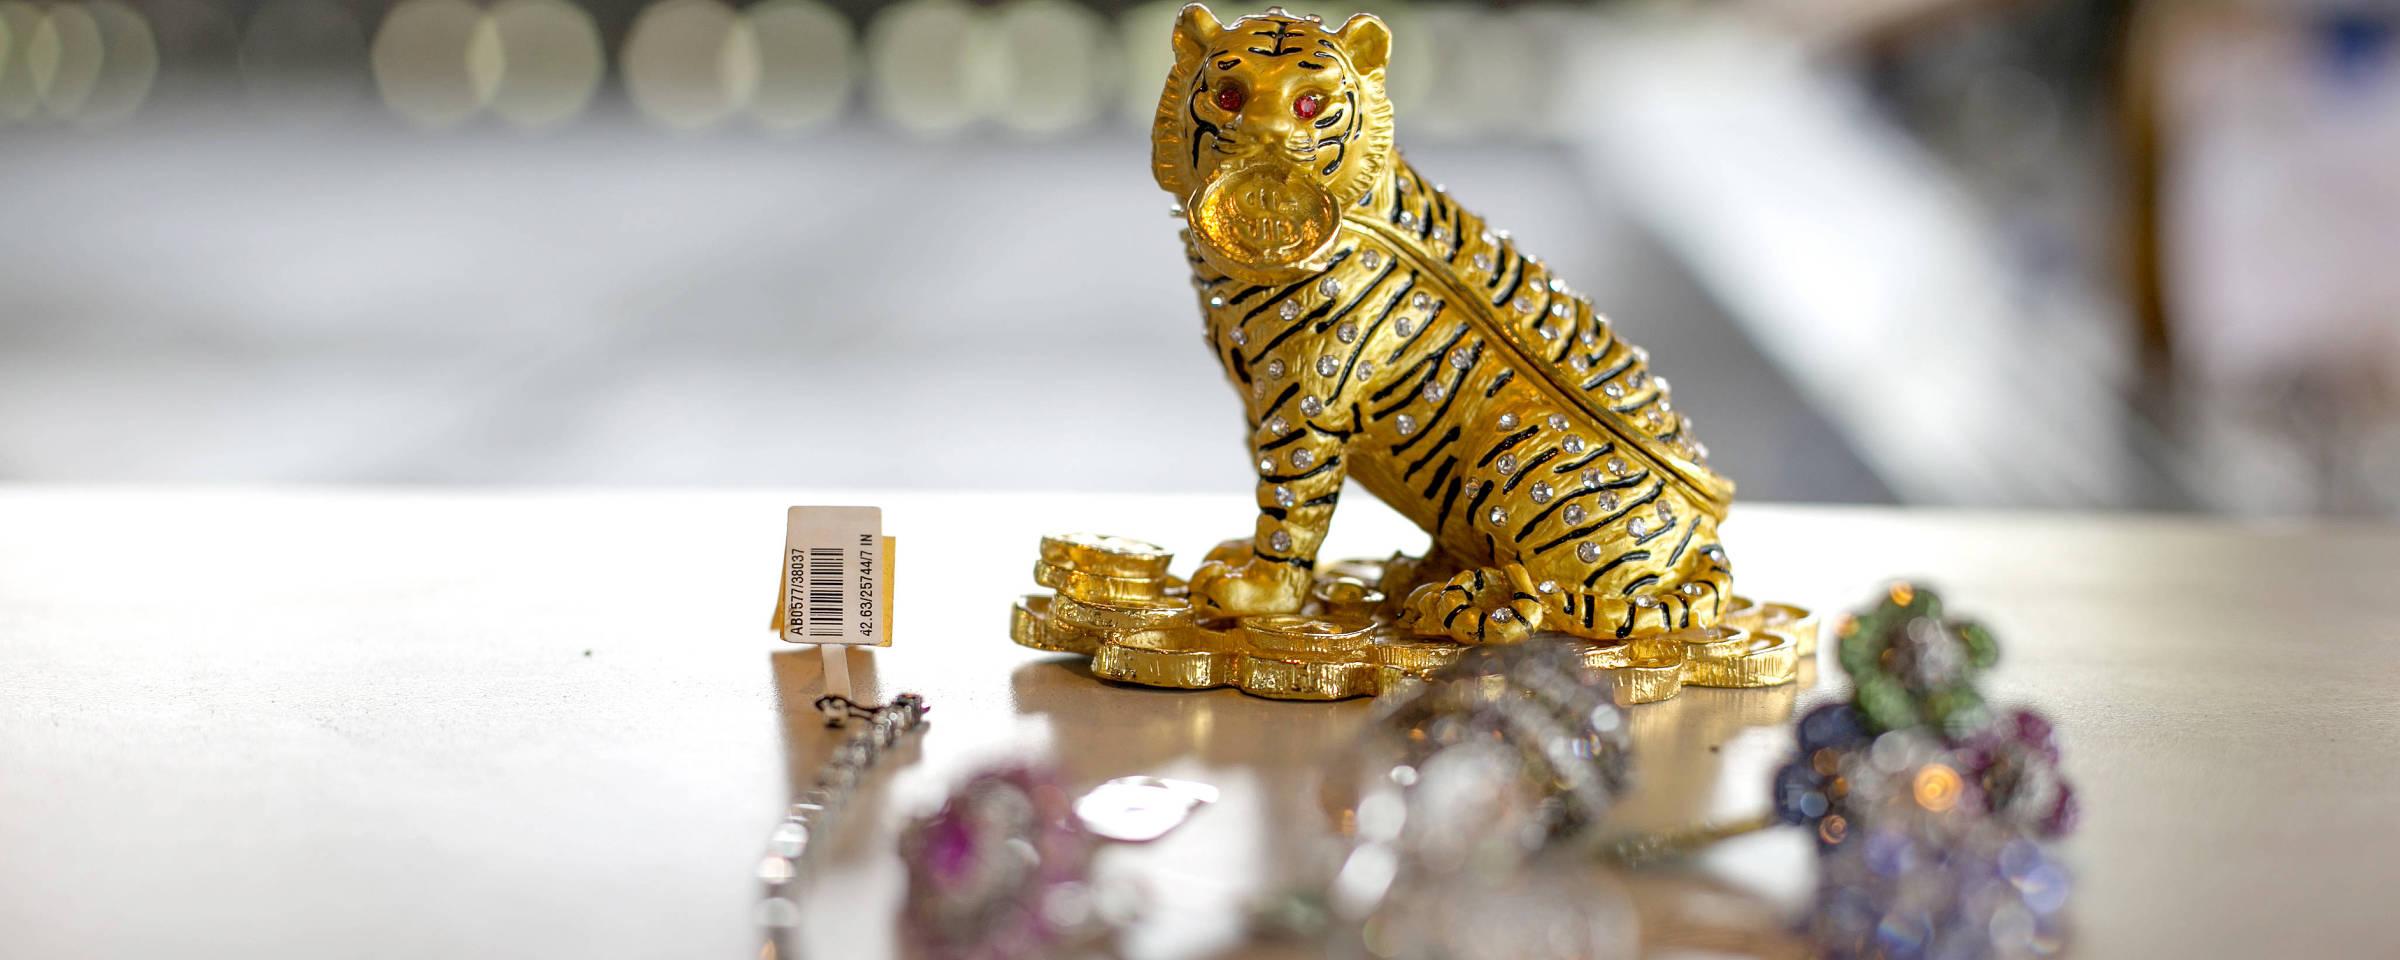 fdee0554e2091 Tigre de brilhantes e outras jóias apreendidas pela Receita, que foram a  leilão no Galeão